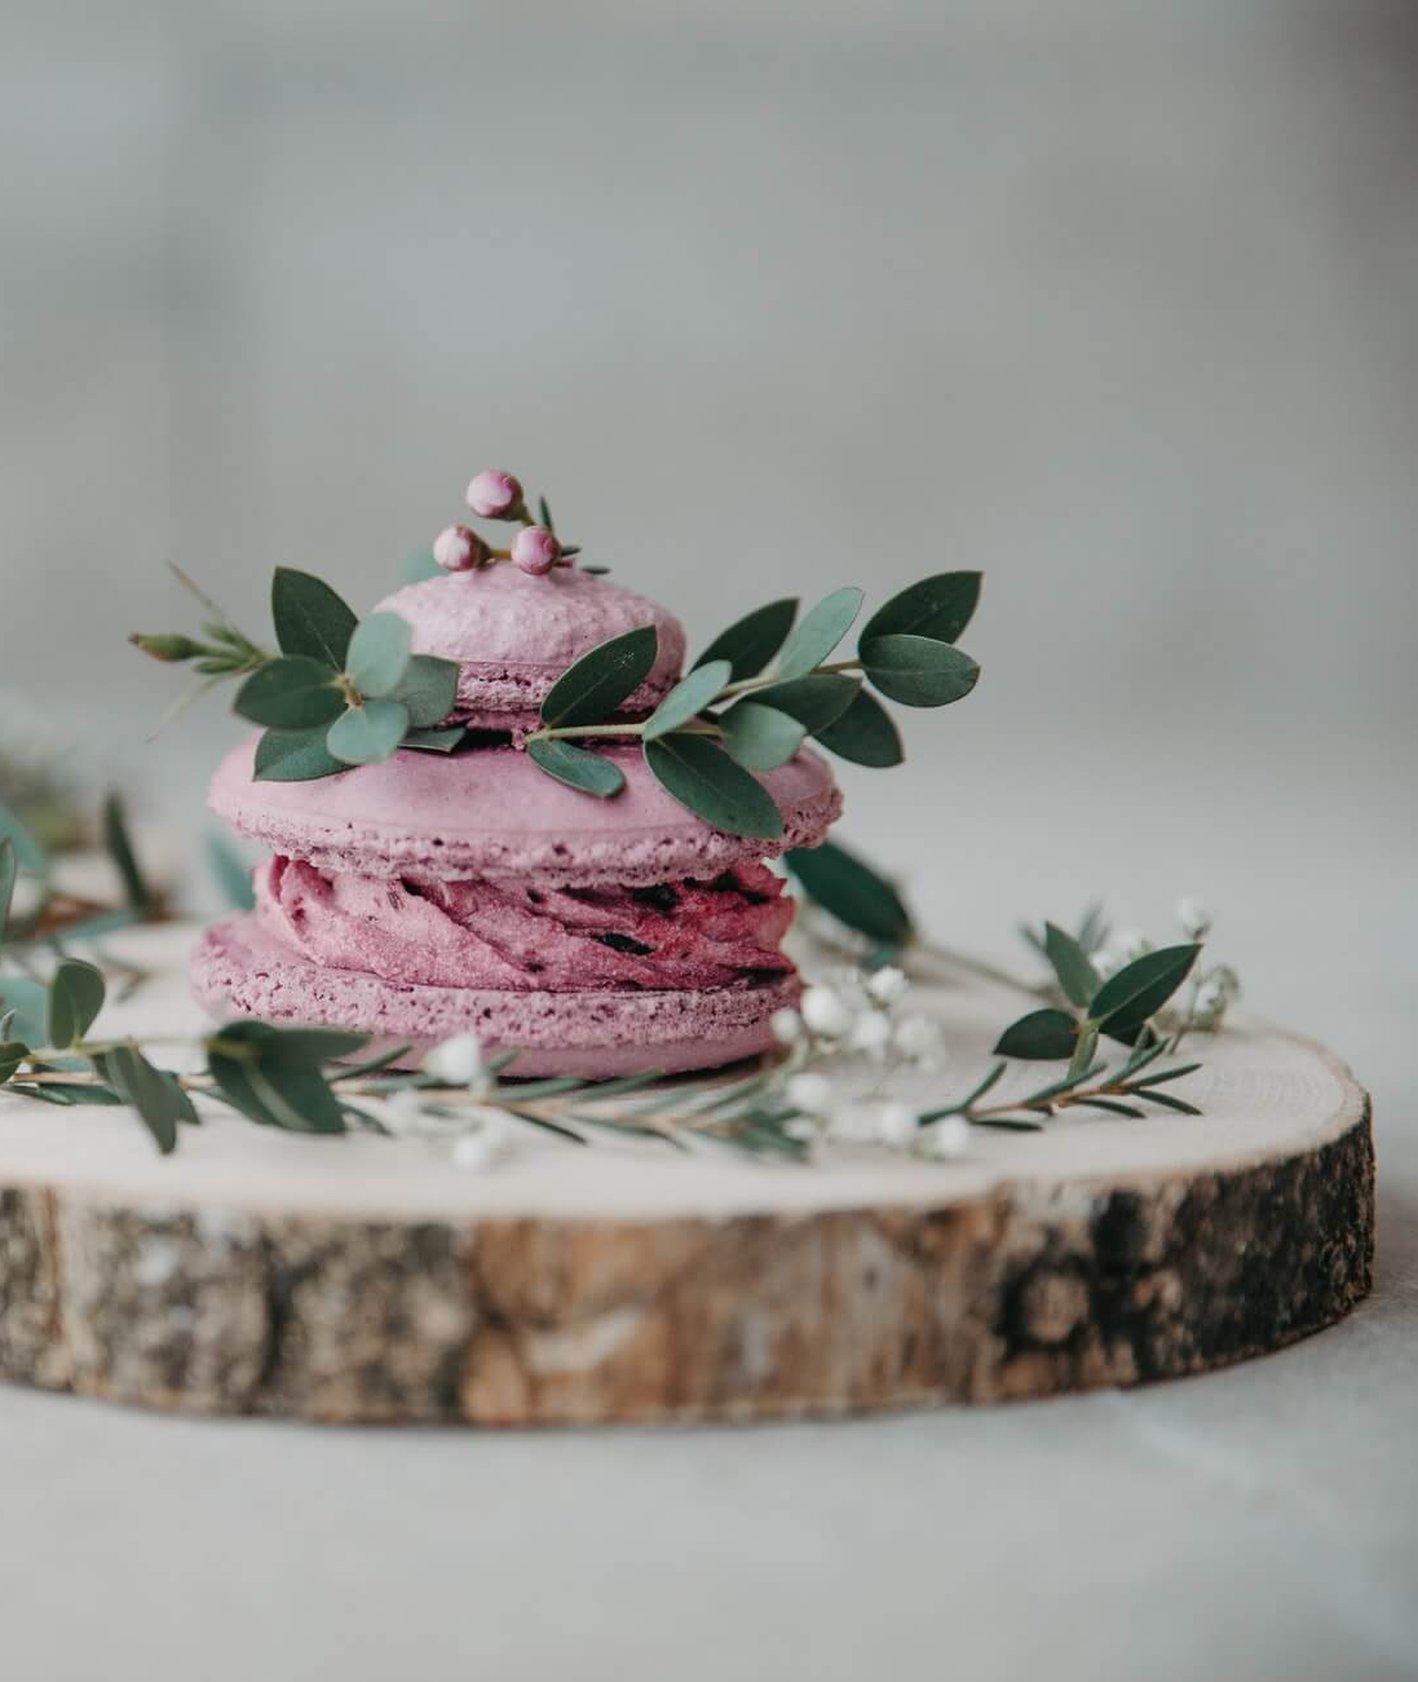 prezenty dla gości weselnych, które zrobisz sam - DIY